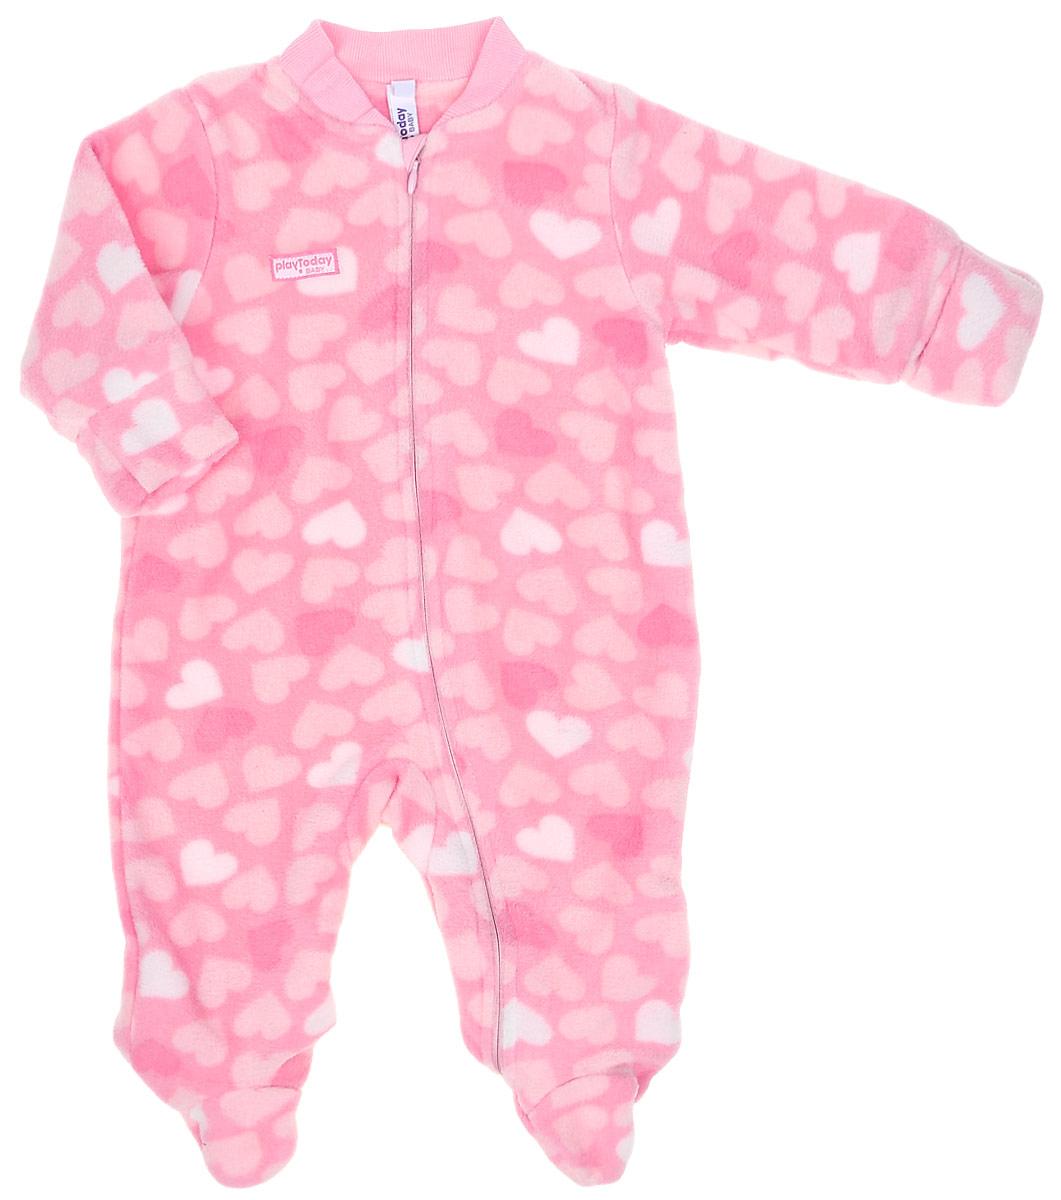 Комбинезон для девочки PlayToday Baby, цвет: розовый, светло-розовый. 178802. Размер 56178802Теплый комбинезон PlayToday Baby подойдет вашей малышке для прохладной погоды. Модель выполнена из флиса на хлопковой подкладке и оформлена принтом с сердечками. Застежка-молния по всей длине позволит быстро снять и одеть изделие, а специальный кармашек для защиты подбородка не позволит застежке травмировать нежную кожу ребенка. Манжеты рукавов на мягких резинках дополнительно снабжены защитными карманами-варежками. Низ брючин и круглый вырез горловины также дополнены резинкой. Комбинезон полностью соответствует особенностям жизни ребенка в ранний период, не стесняя и не ограничивая его в движениях.